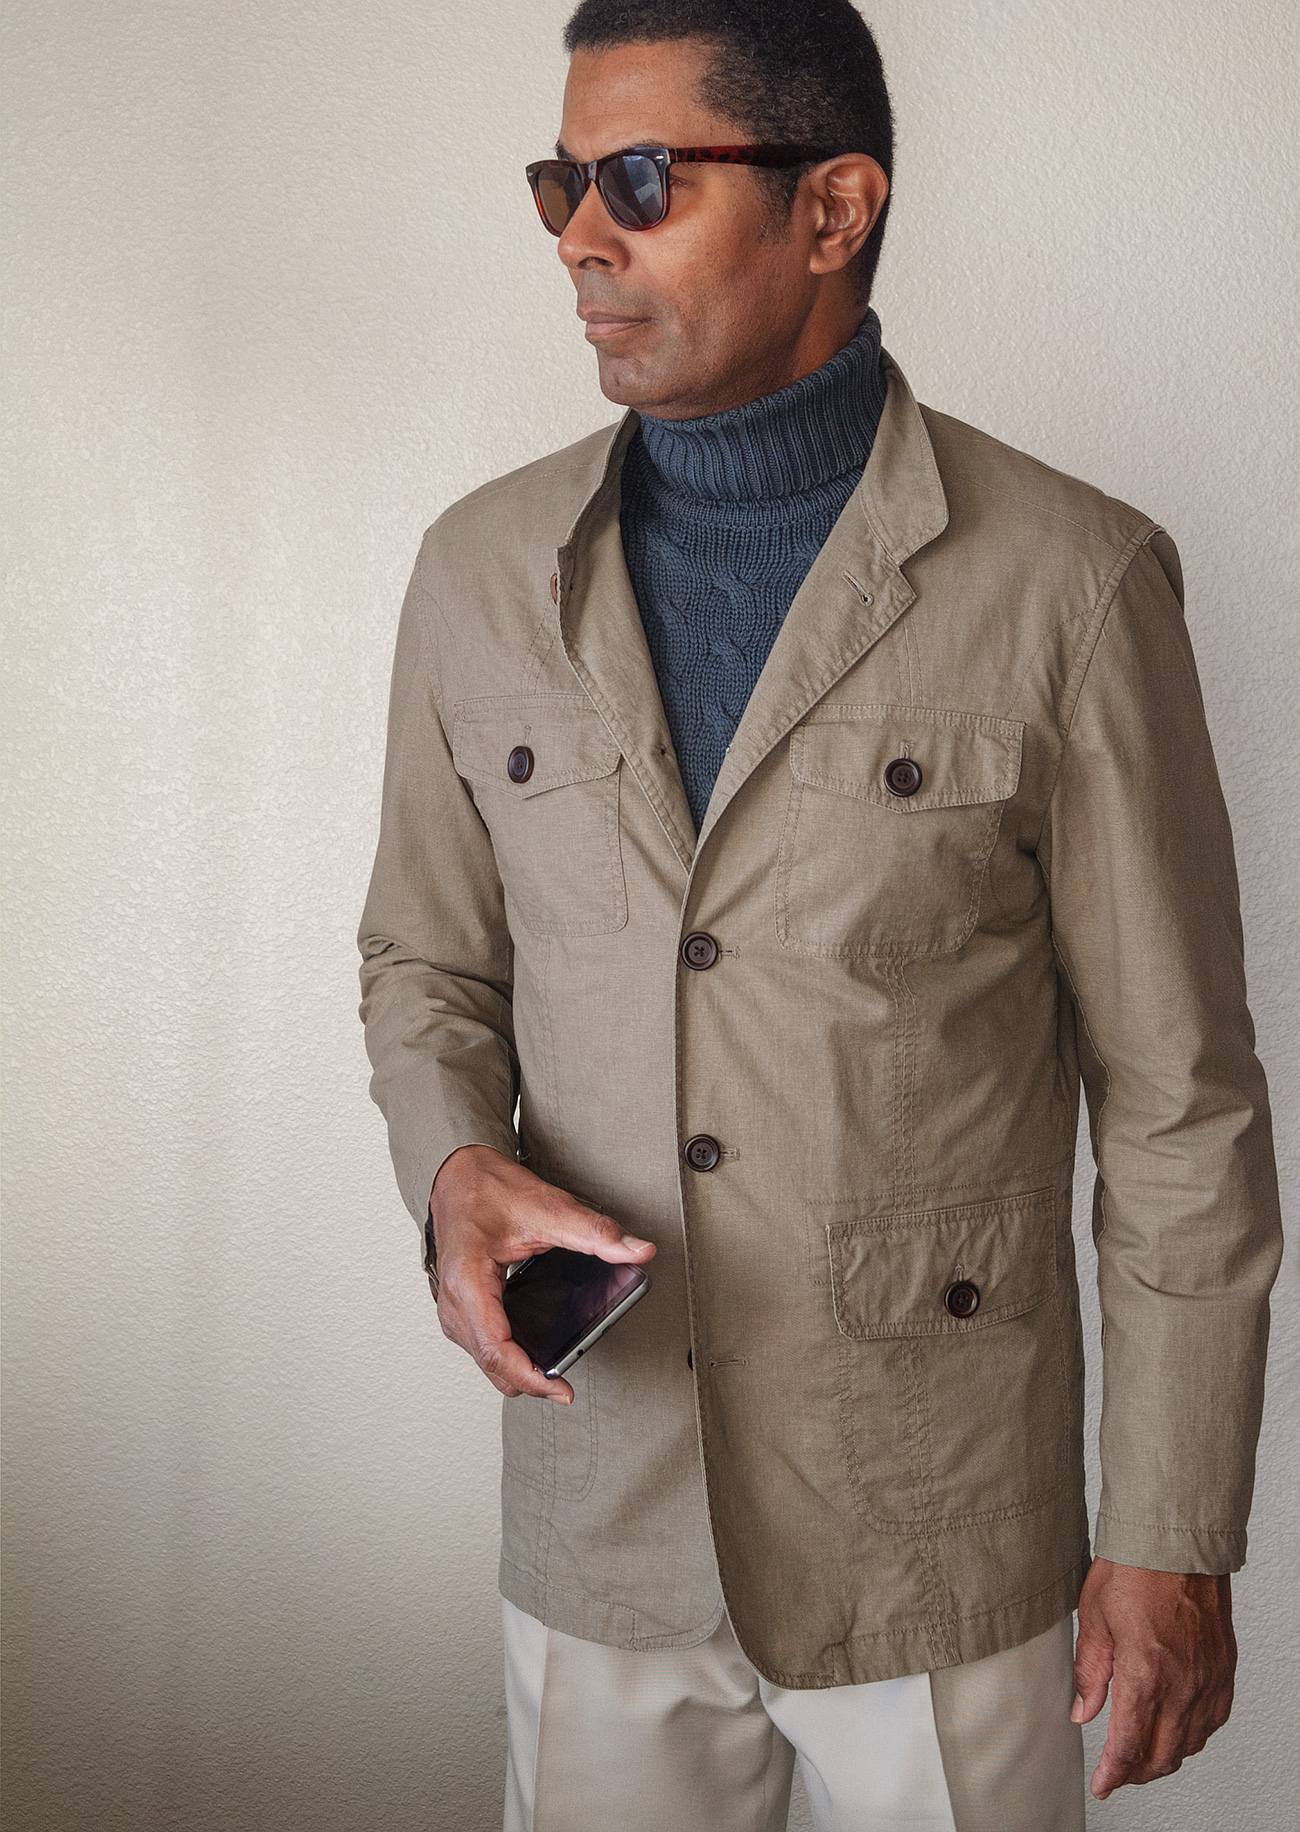 insta-field-jacket.jpg